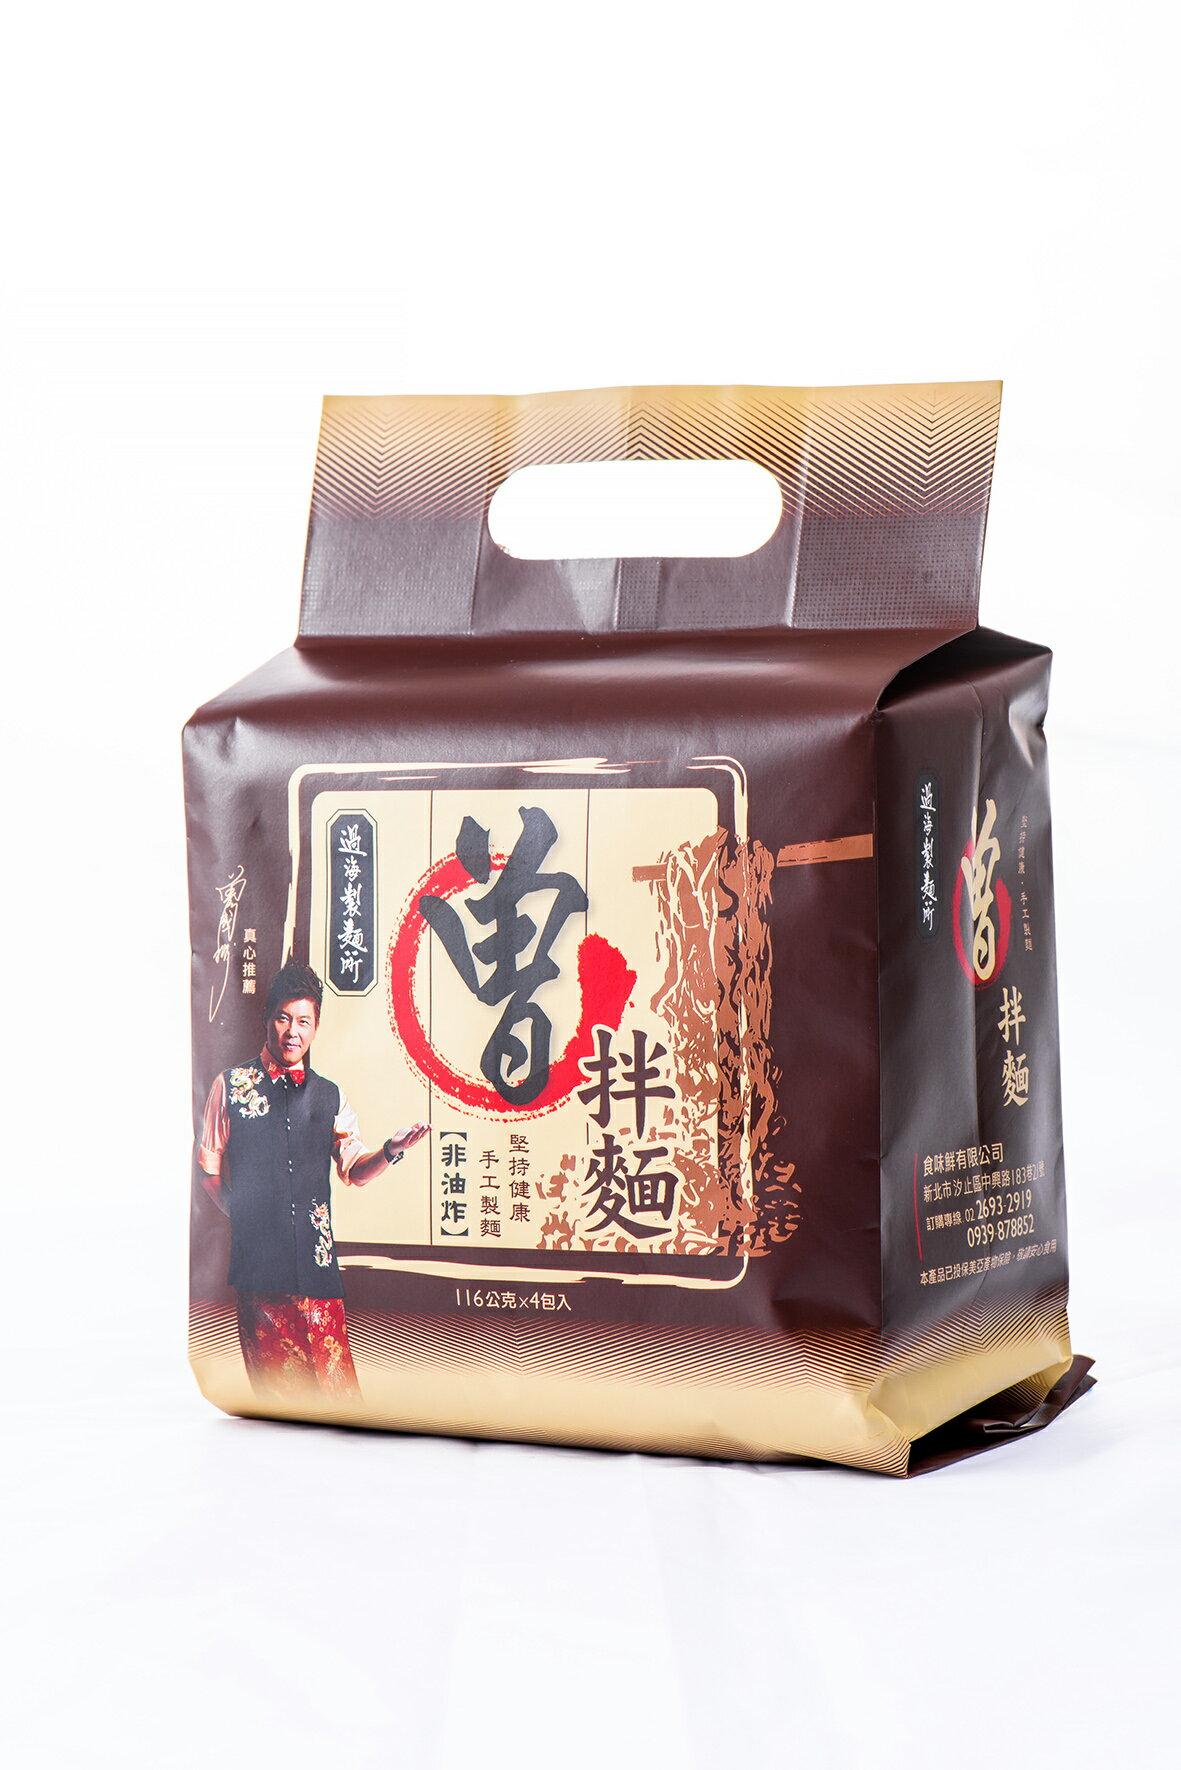 【曾拌麵】香蔥椒麻  一大箱 / 12袋  贈送:香榭嫩芽湯12小包 0